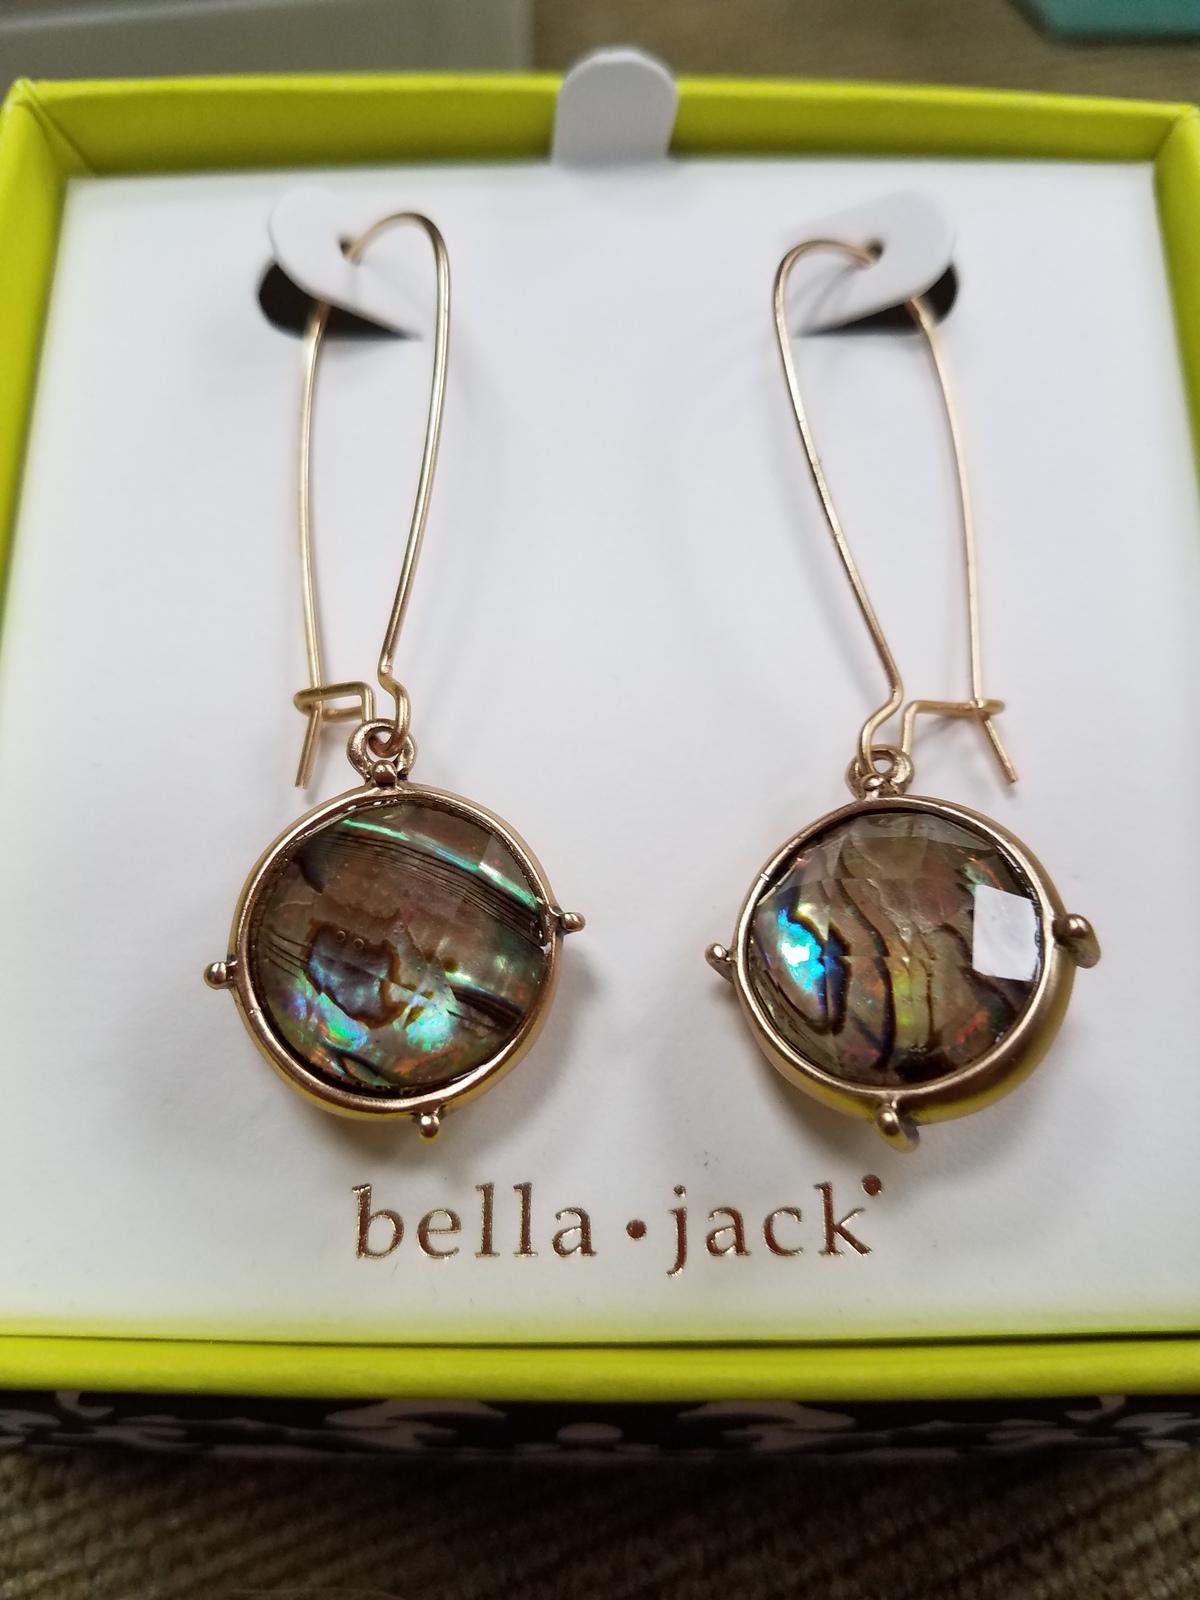 Modern drop earrings by bella & jack